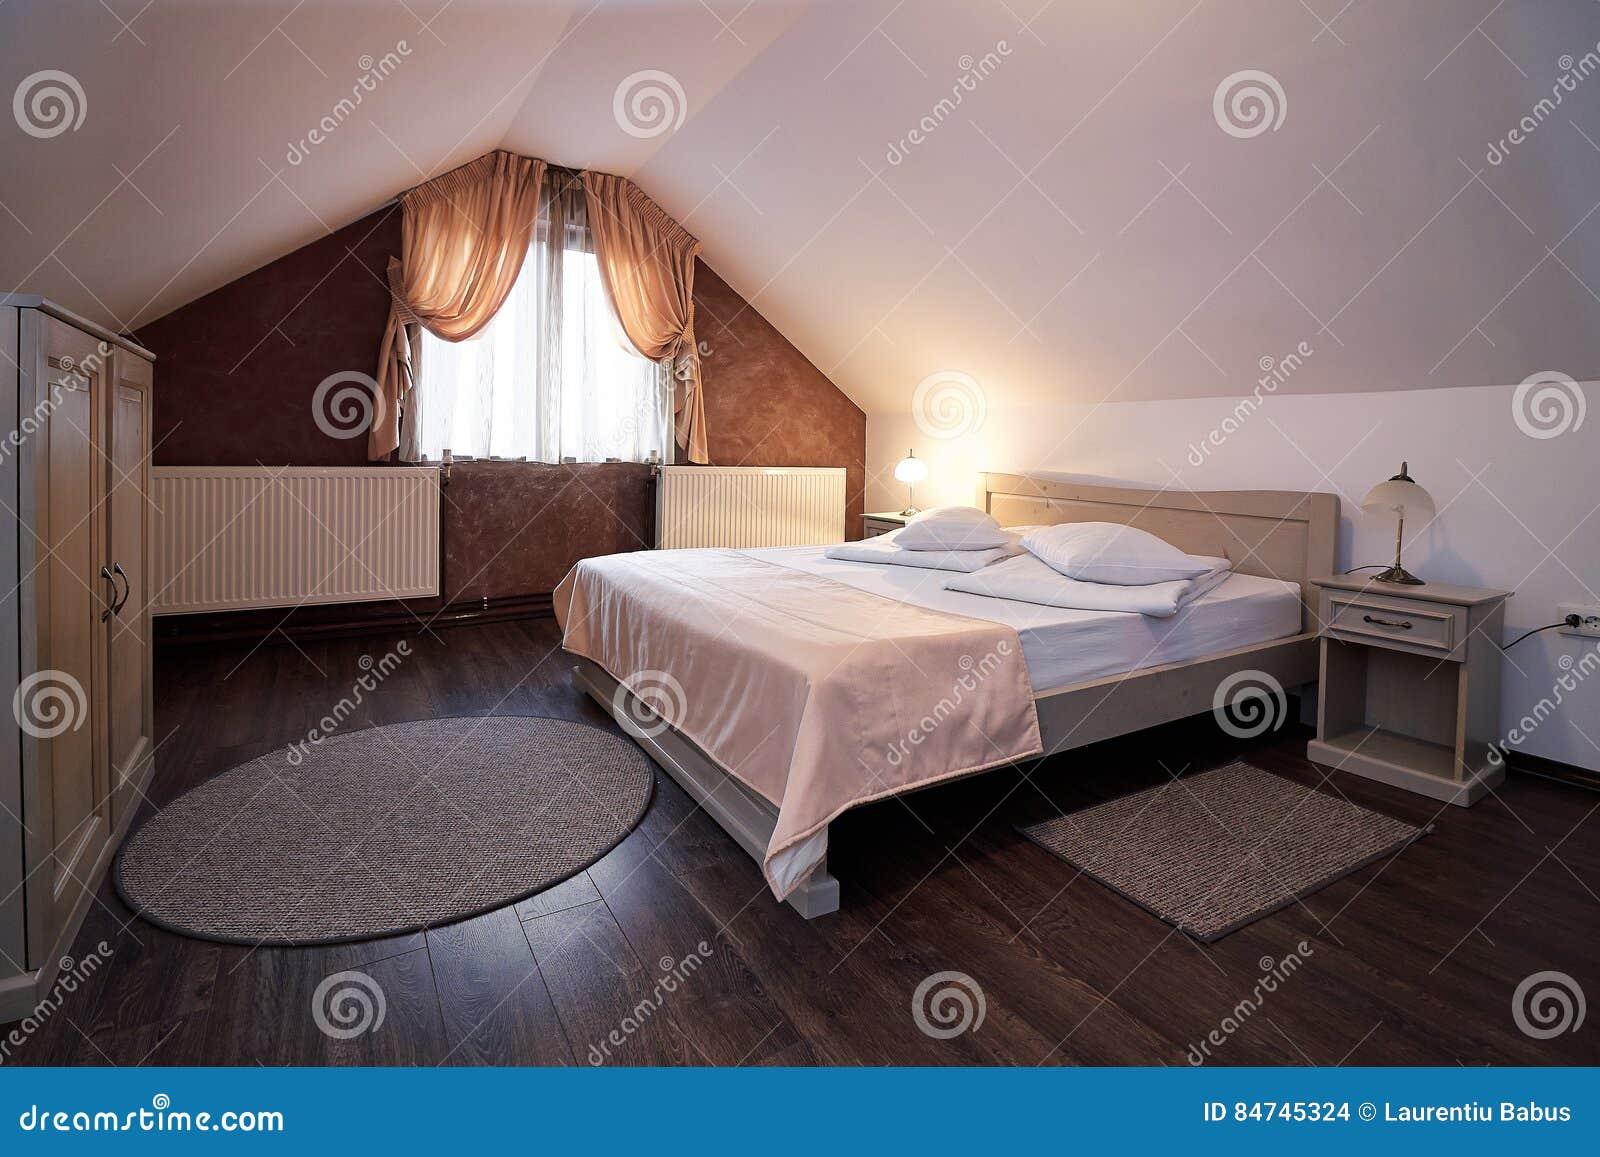 Camera Da Letto Della Mansarda Dell\'hotel Fotografia Stock ...